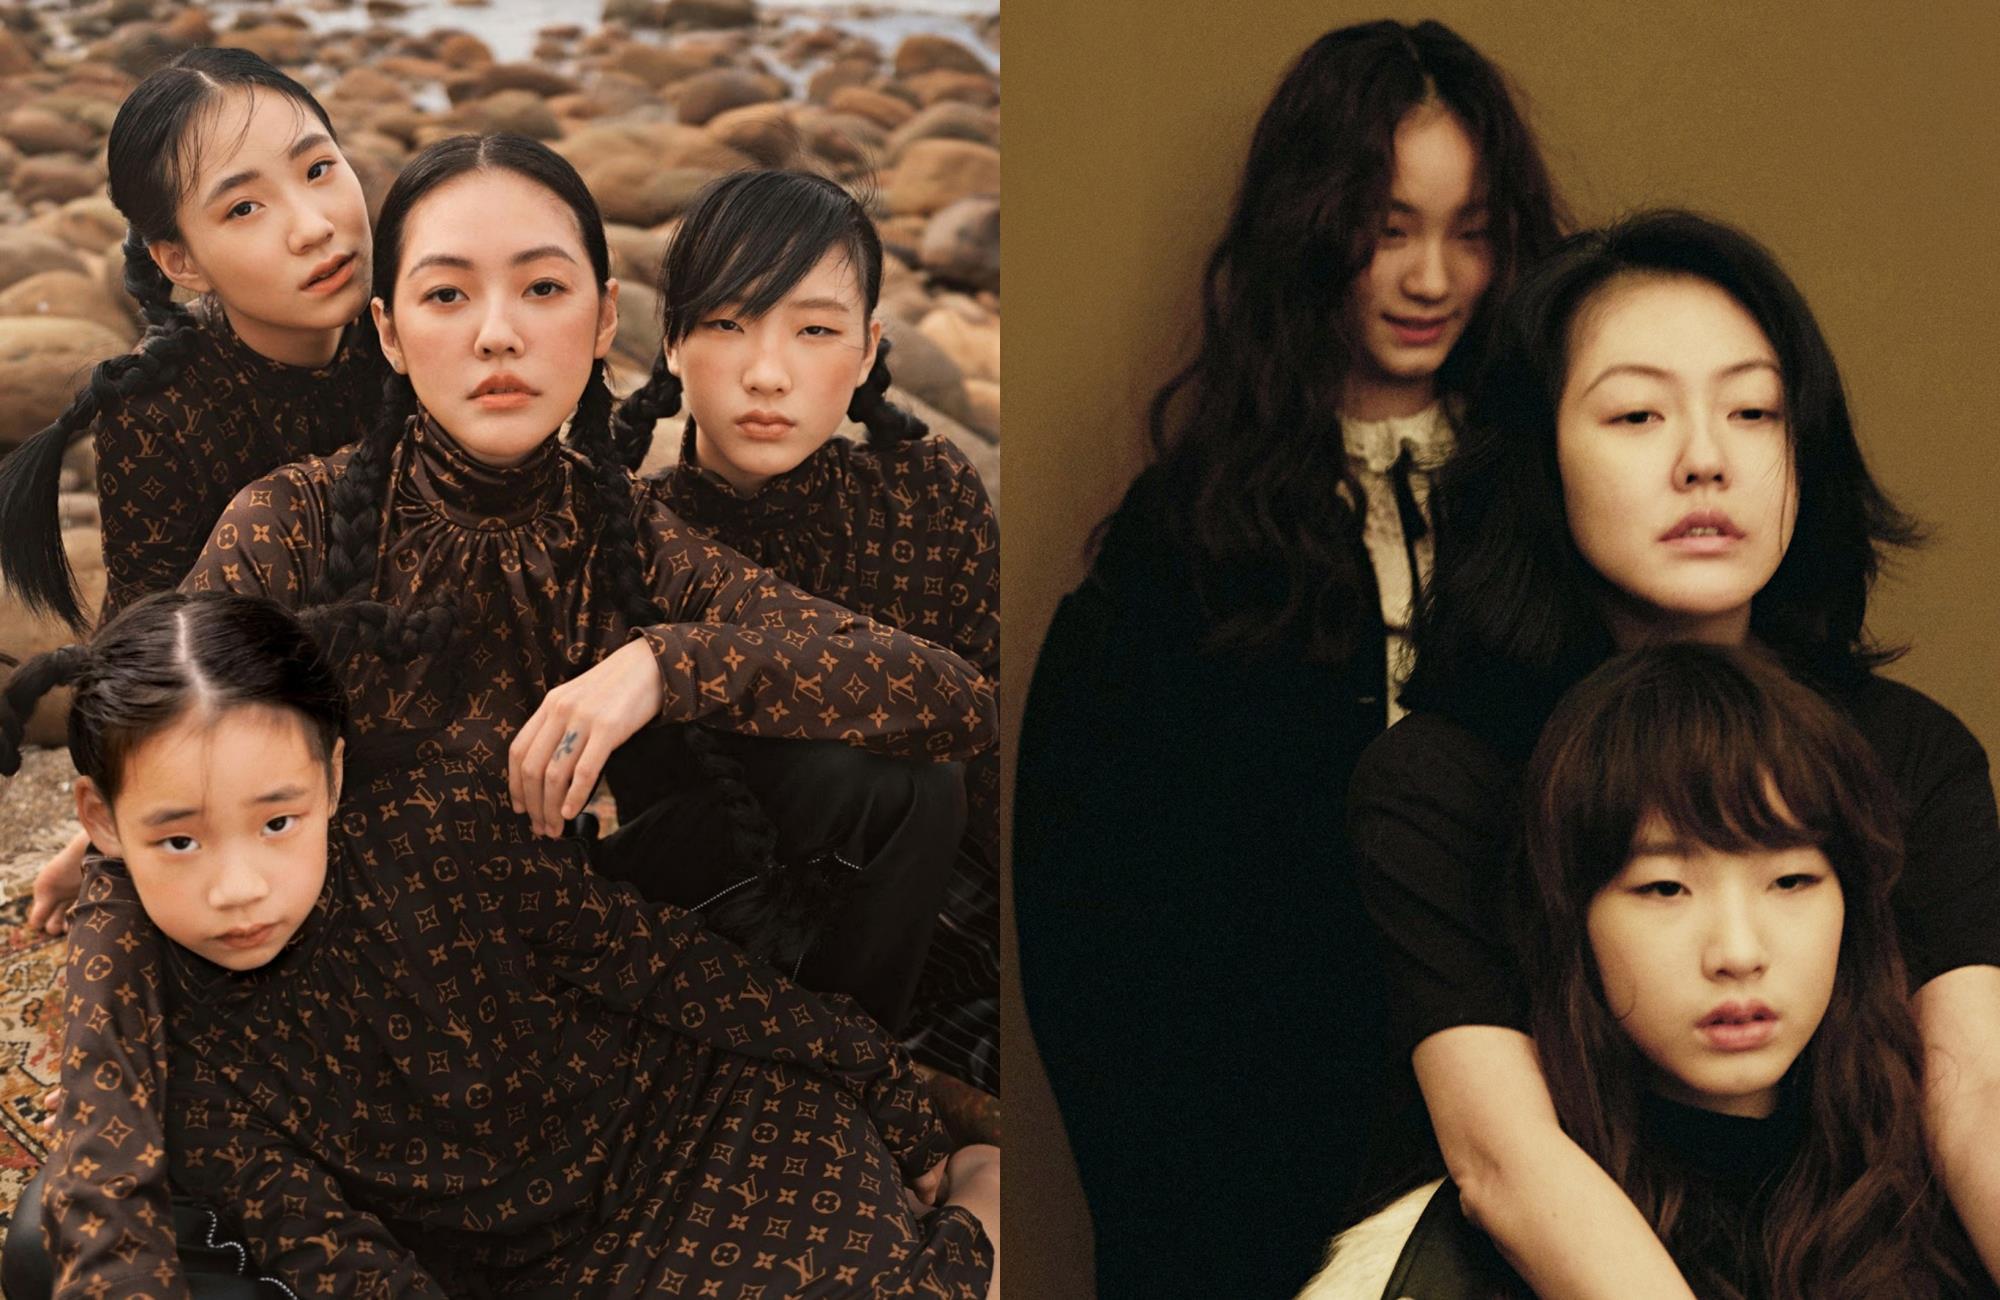 小s徐熙娣的时尚经验不仅带火了她女儿,更让她成为时尚圈的宠儿